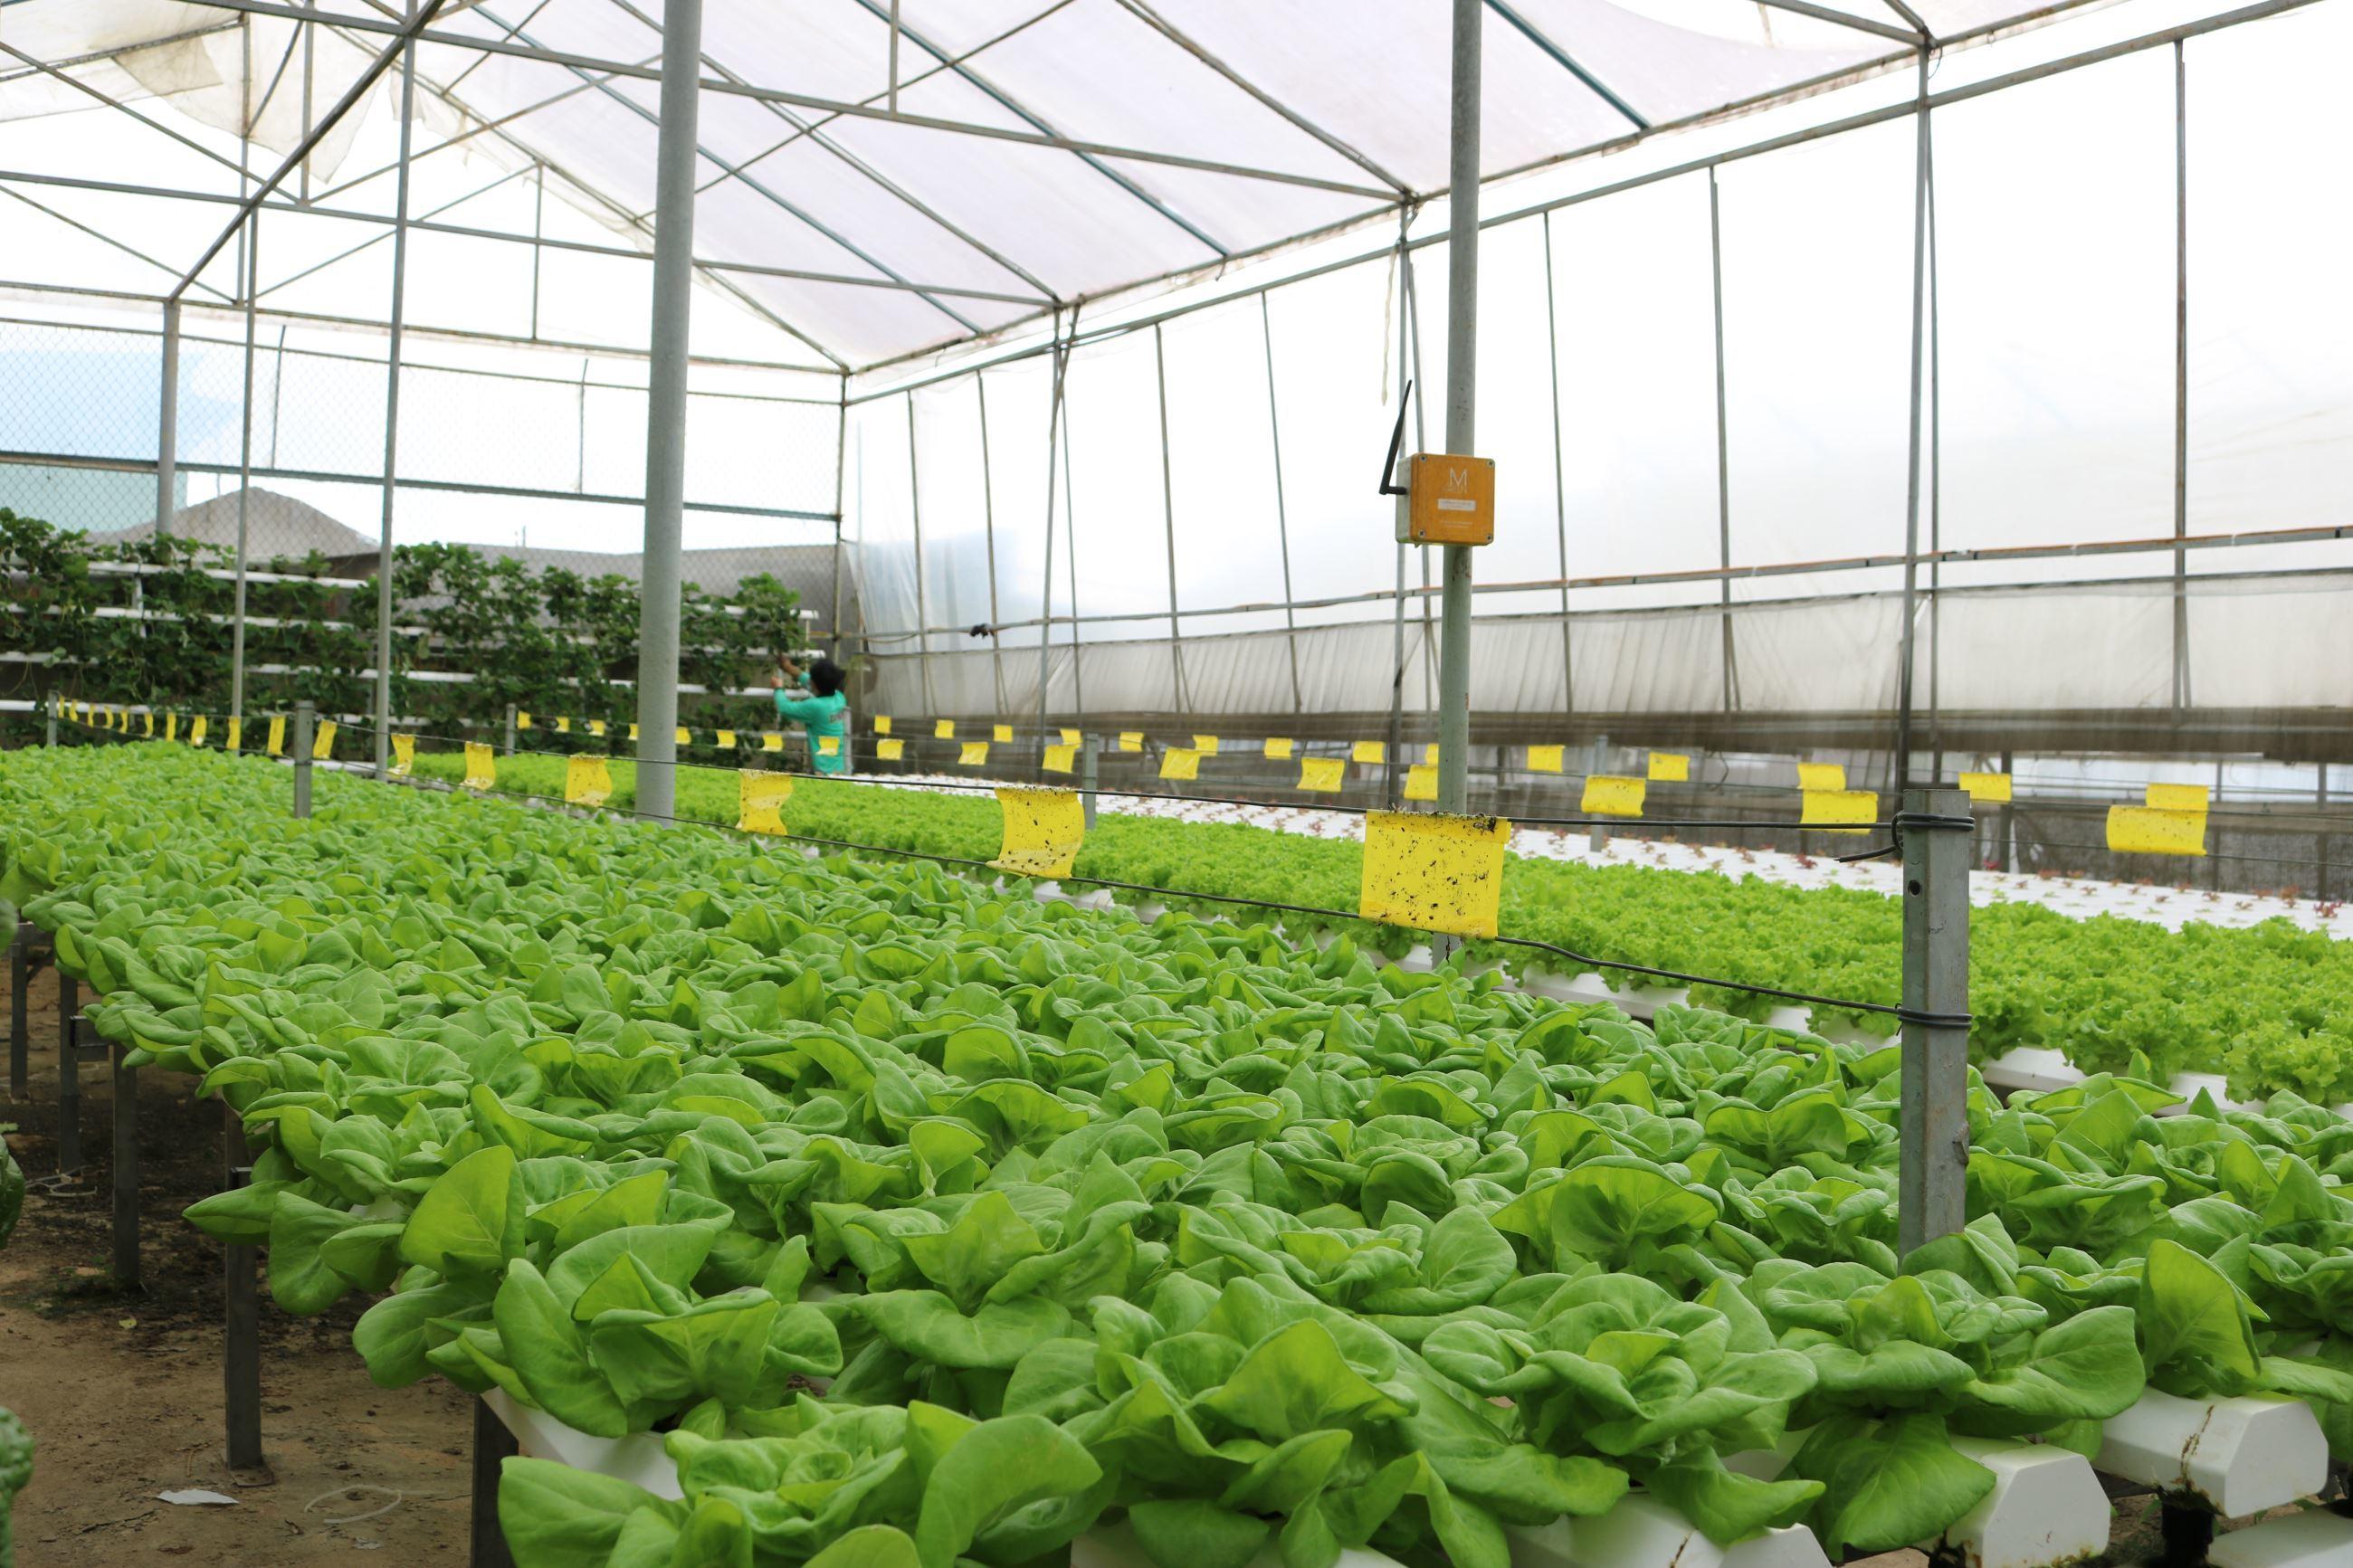 Một góc trong không gian của Green Box, Tp. Đà Lạt. Ảnh: Khang Nguyễn | Vietkings